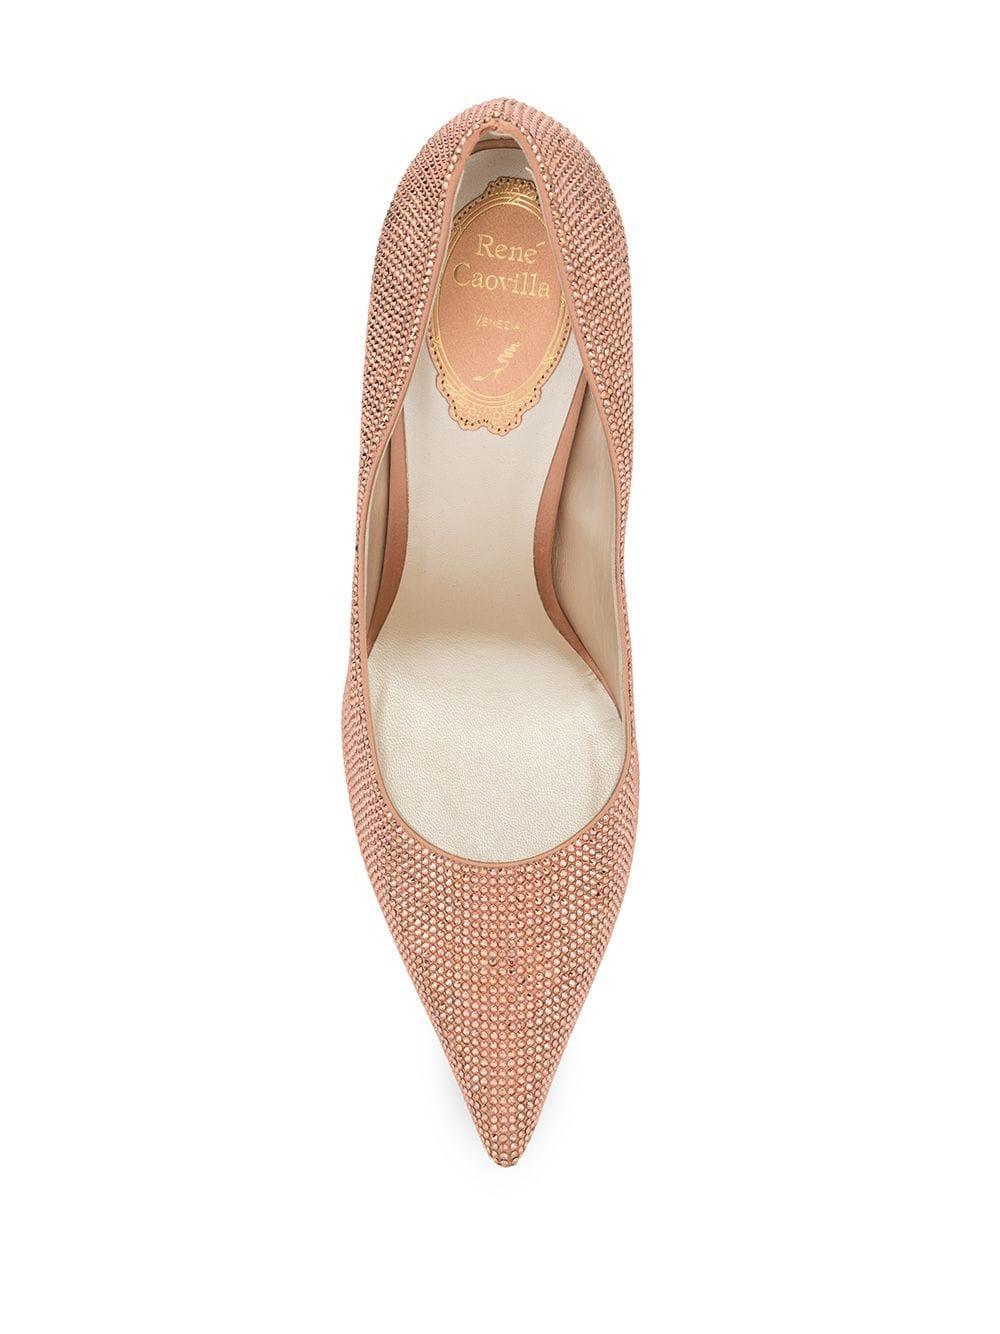 Zapatos de tacón Stephia Rene Caovilla de Cuero de color Rosa